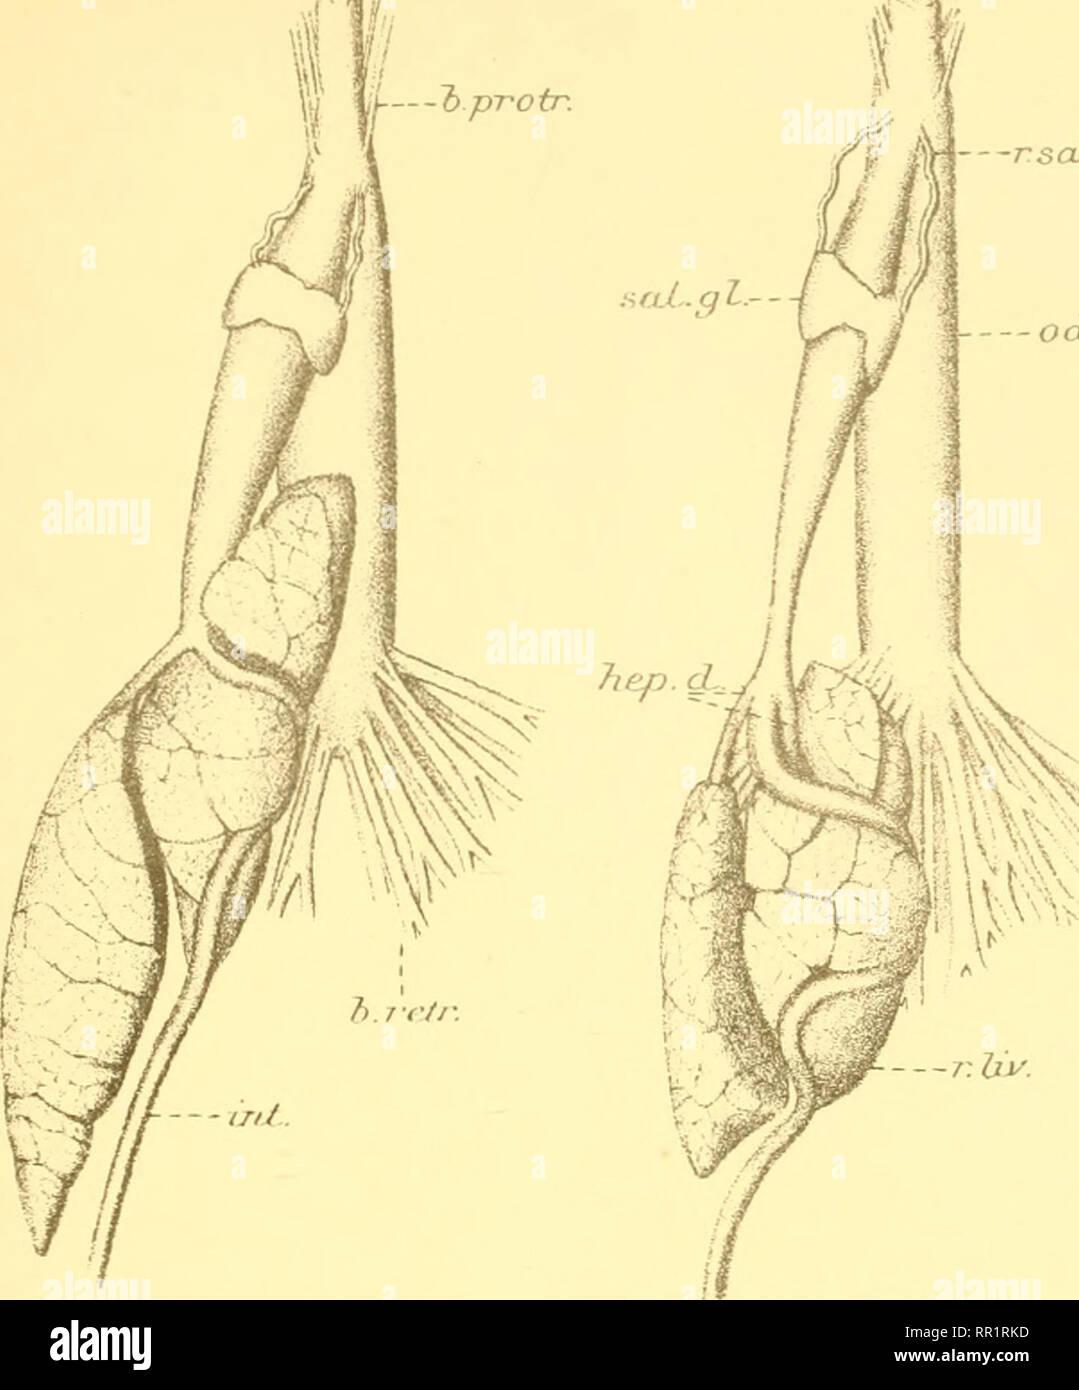 """. Invertebrados africana : una revista de investigación de la biodiversidad. Los invertebrados -- África; la diversidad biológica -- África; la diversidad biológica. Ann.NatalMus.Vol.lU 11/, j'bprotr iil--. PI. XXI. c*^ rsaZ.d.. ----OdL. Cultivo 1 6, .V.^^v- P ul I 12M.--, 129 x 2 A.gib""""bonsi s.S- 130 xi^A UN gruljella. -Ocl. Cosecha. Por favor tenga en cuenta que estas imágenes son extraídas de la página escaneada imágenes que podrían haber sido mejoradas digitalmente para mejorar la legibilidad, la coloración y el aspecto de estas ilustraciones pueden no parecerse perfectamente a la obra original. Museo de Natal (Pietermaritzburg, Sudáfrica). Consejo. Pieterma Foto de stock"""